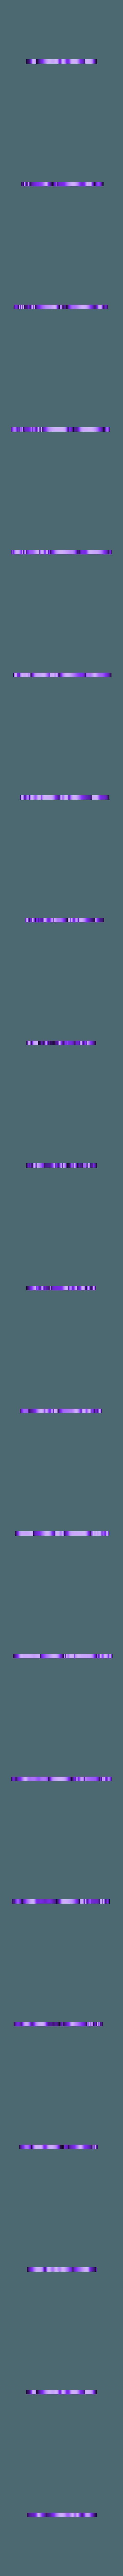 pad_foot_feet.STL Télécharger fichier STL gratuit Sous-verres multicolores Harry Potter • Design pour impression 3D, MosaicManufacturing